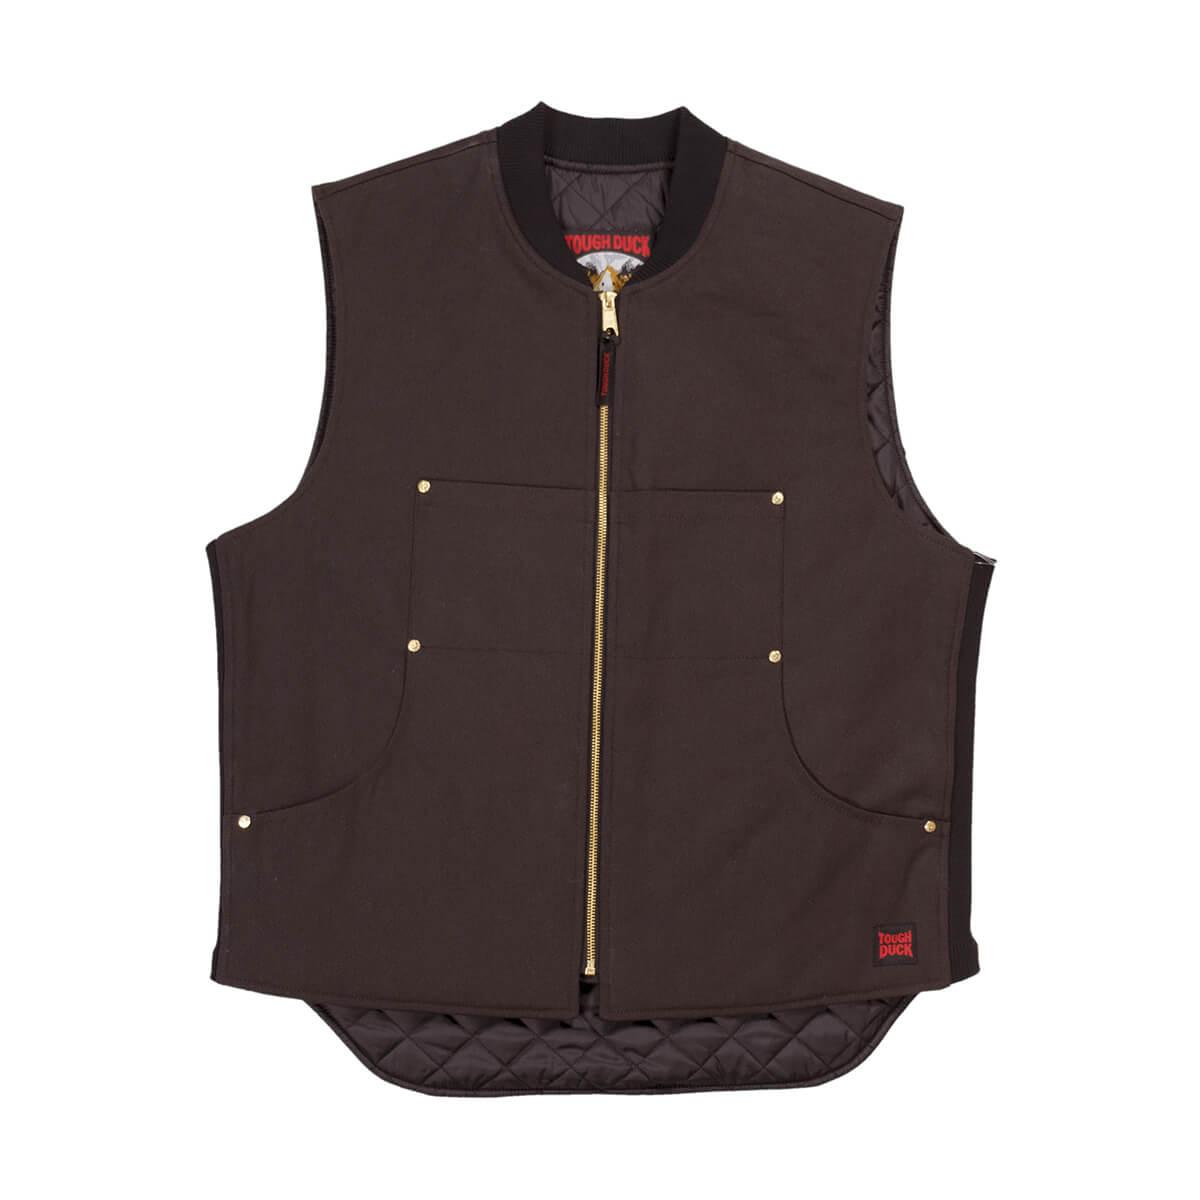 Tough Duck Men's Lined Moto Vest - Dark Brown